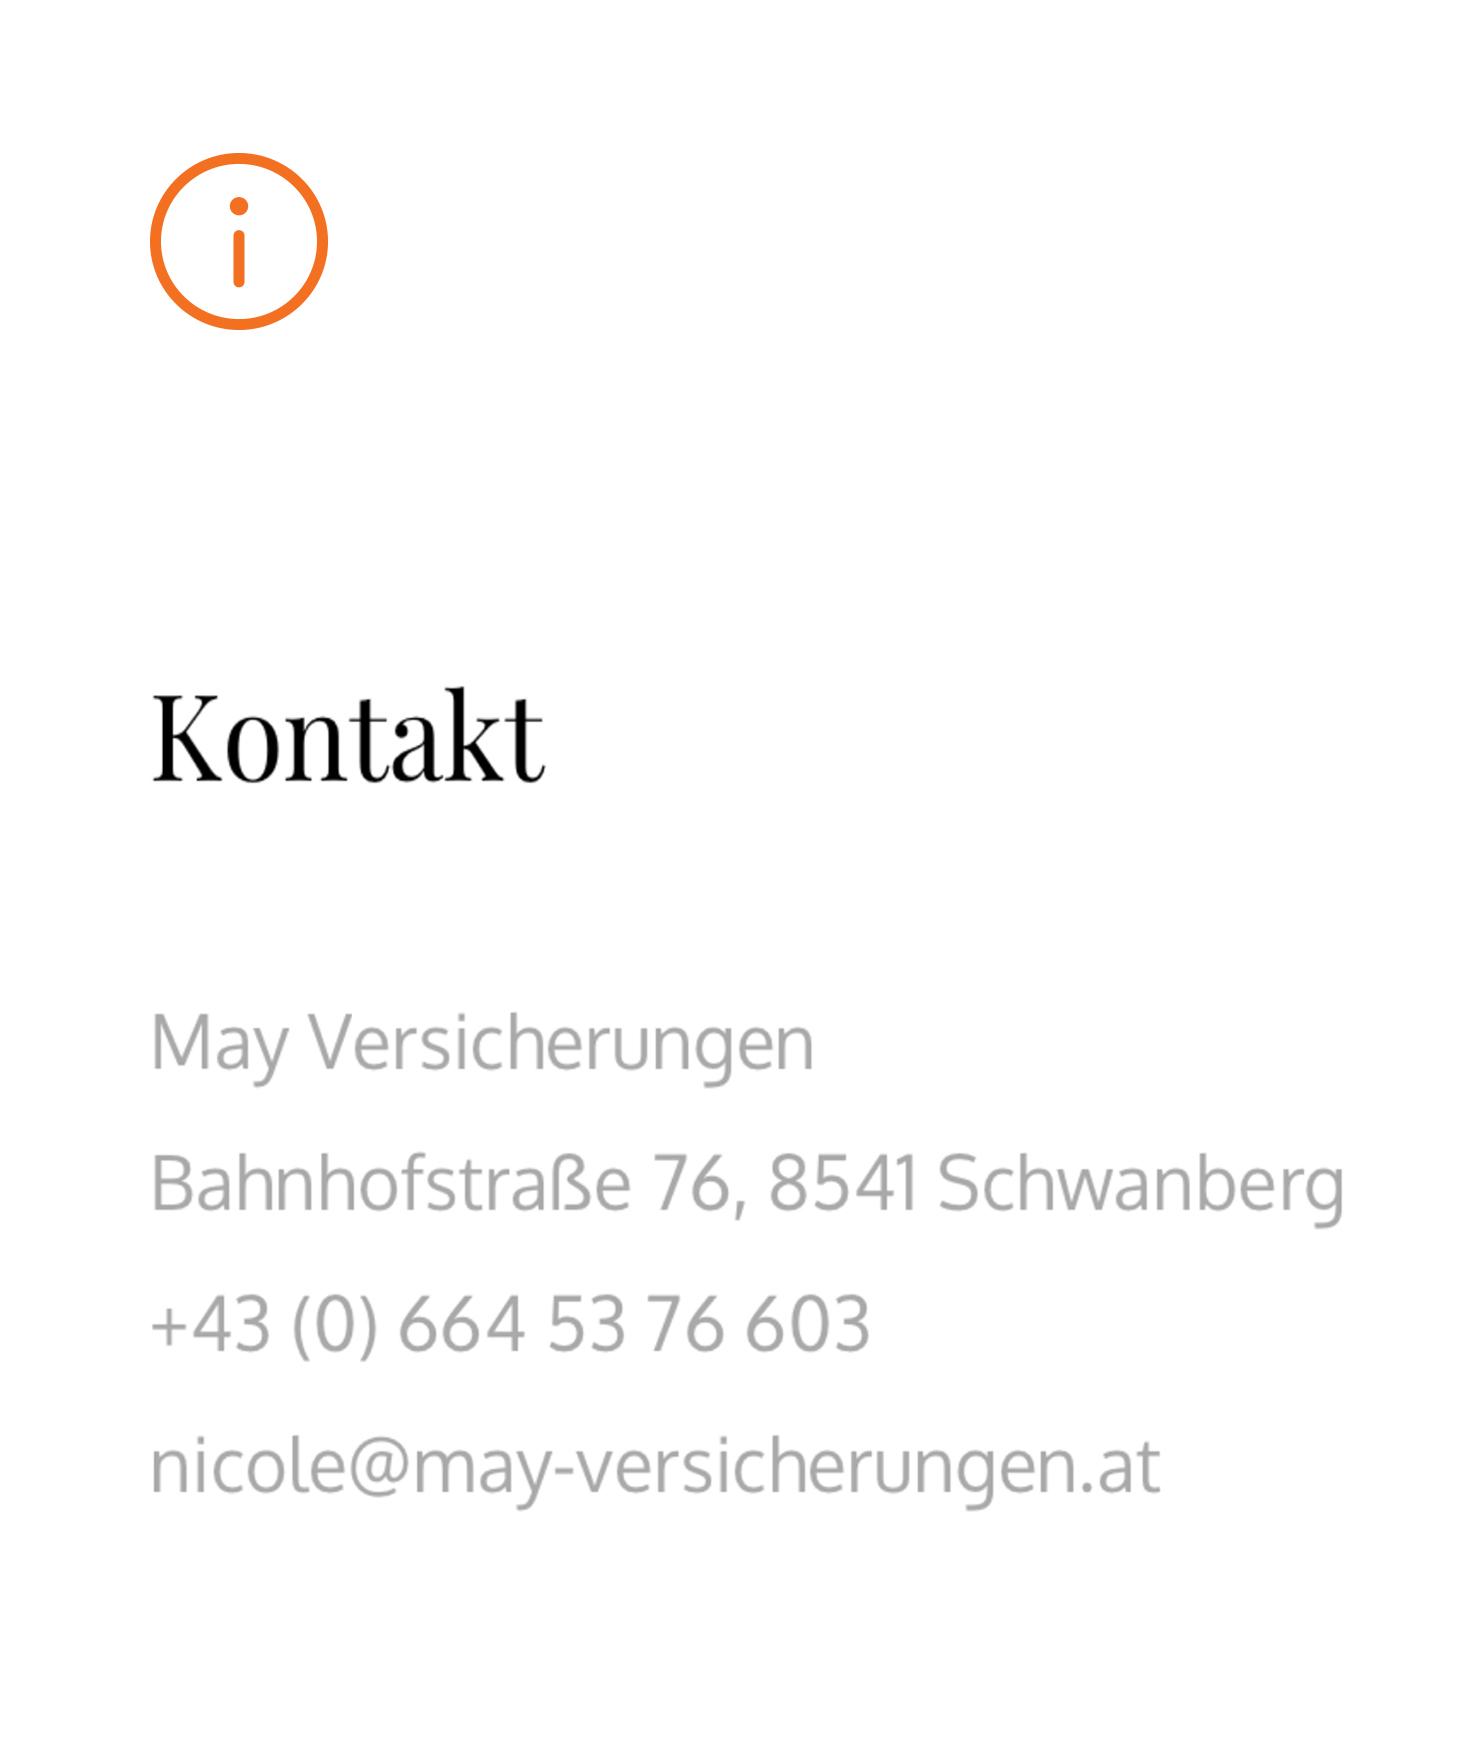 kontakt-nm